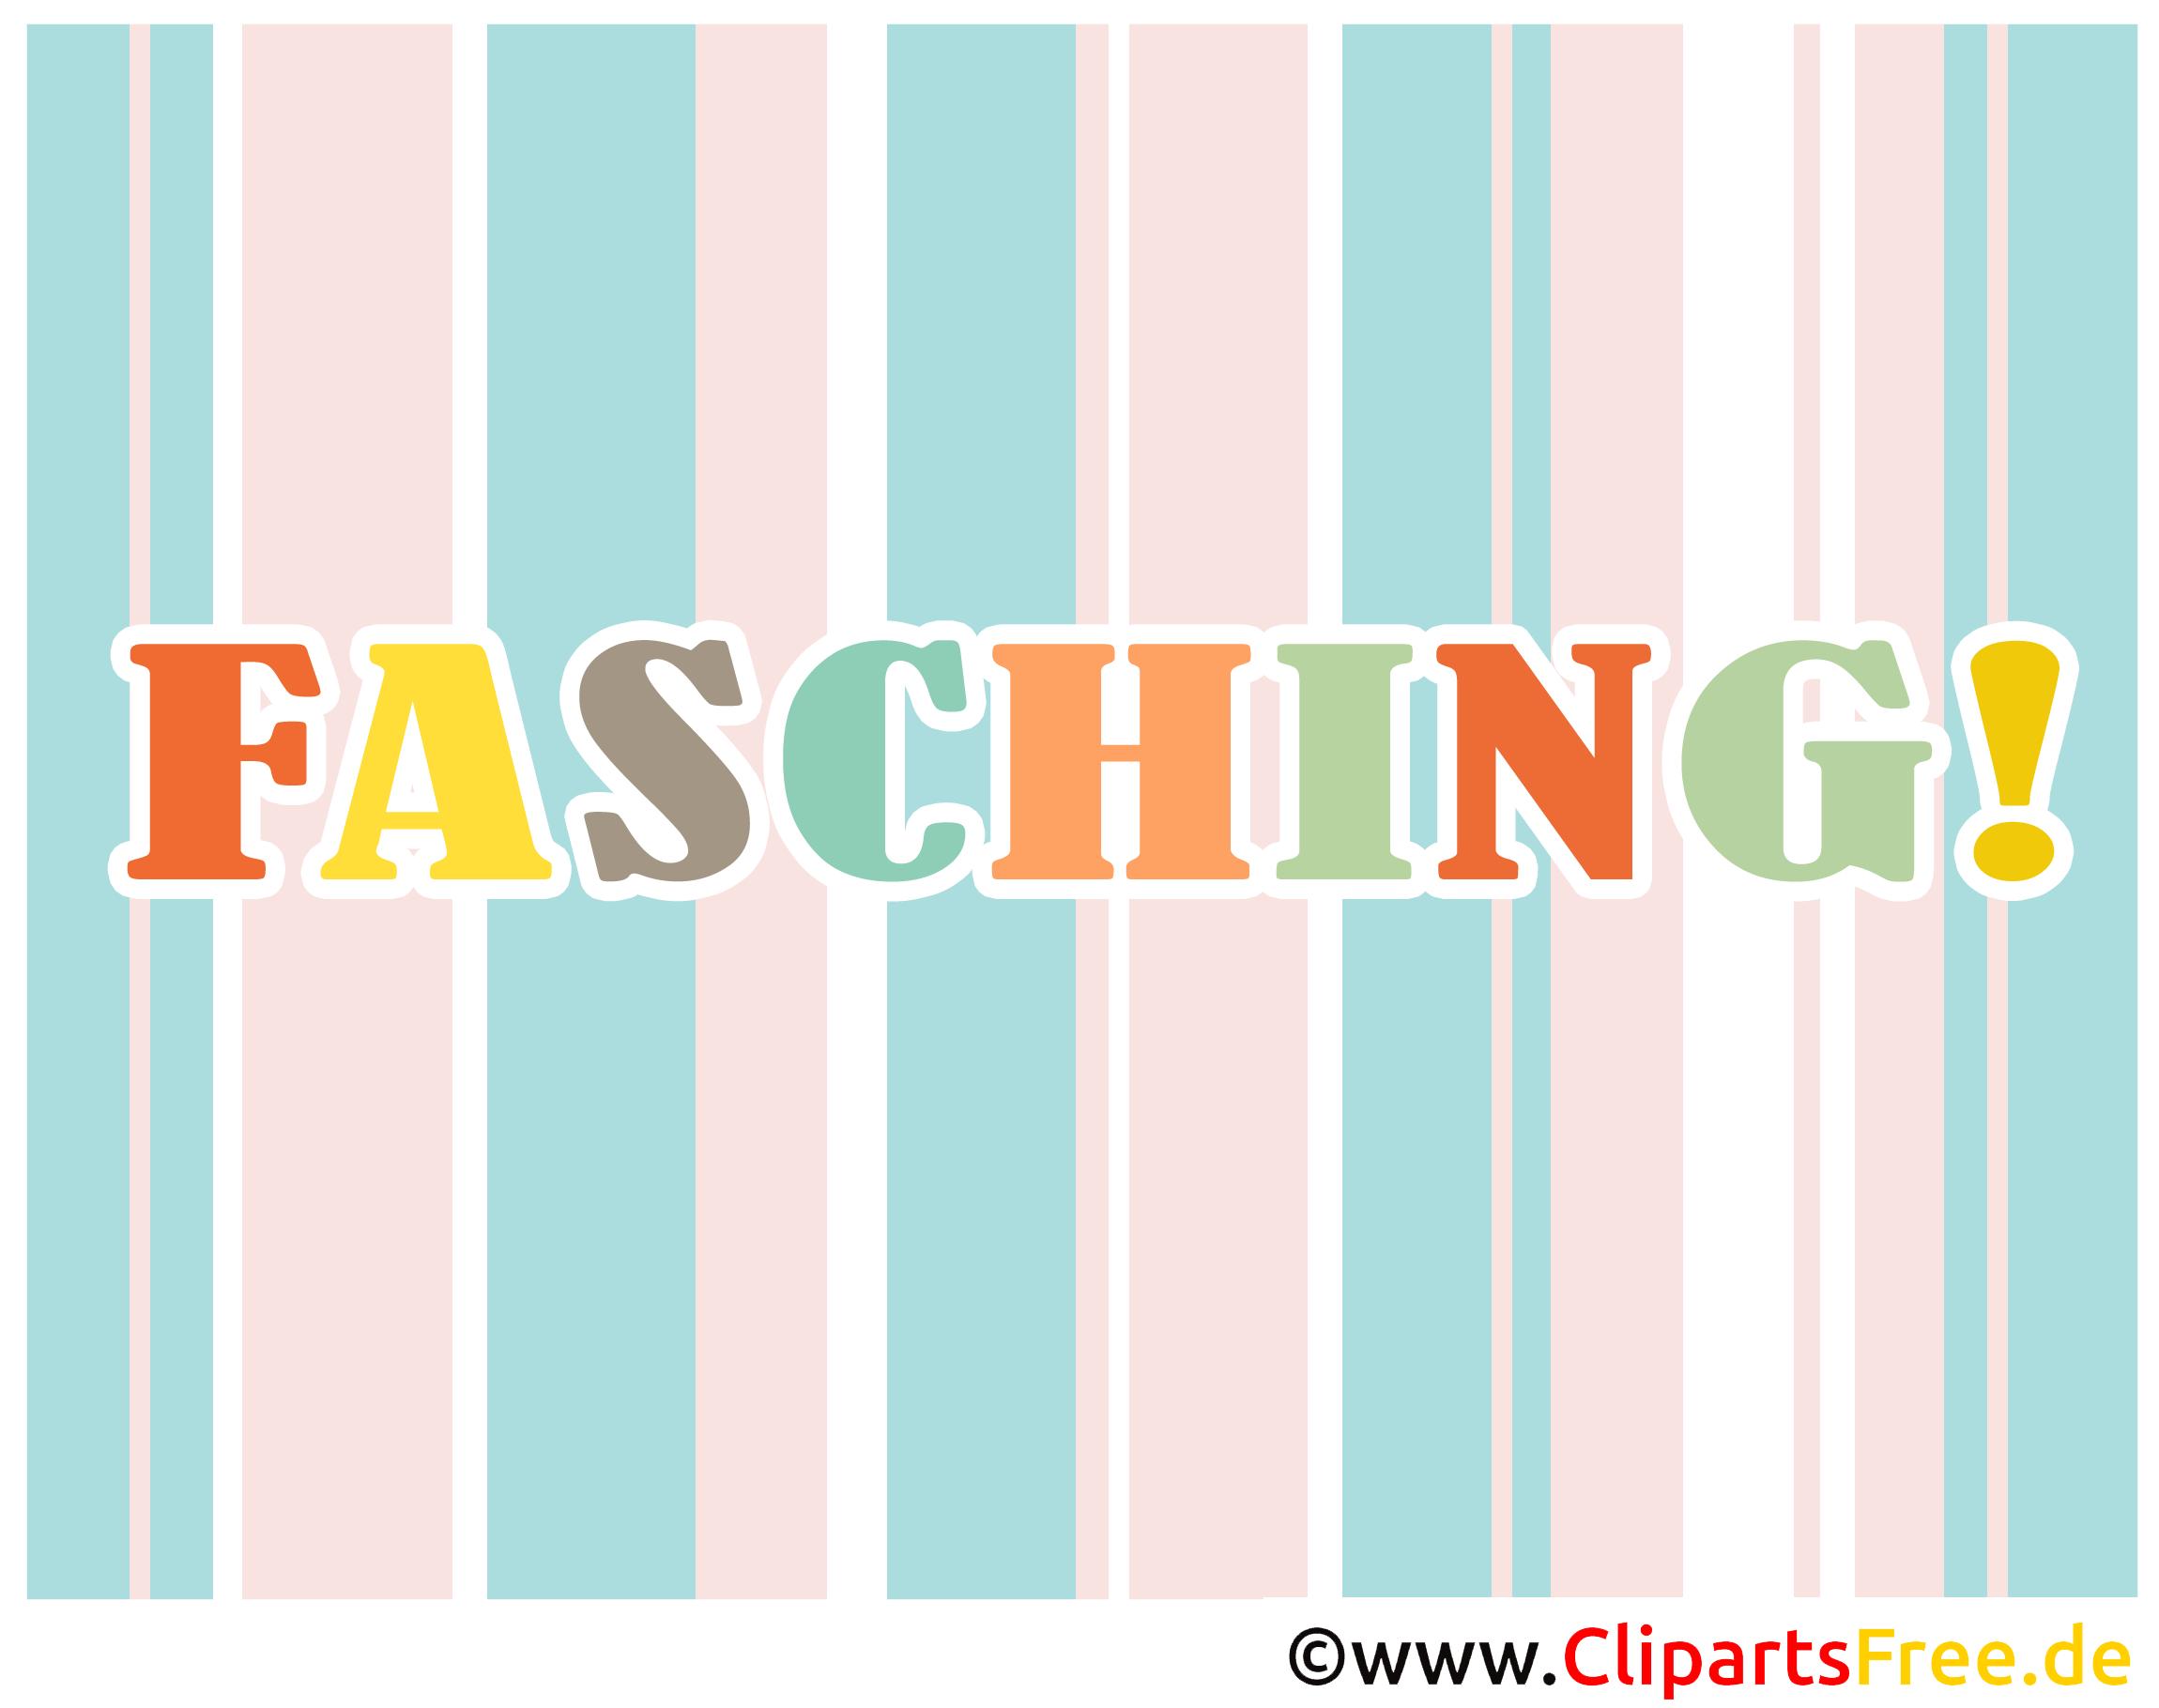 Clipart Fasching kostenlos